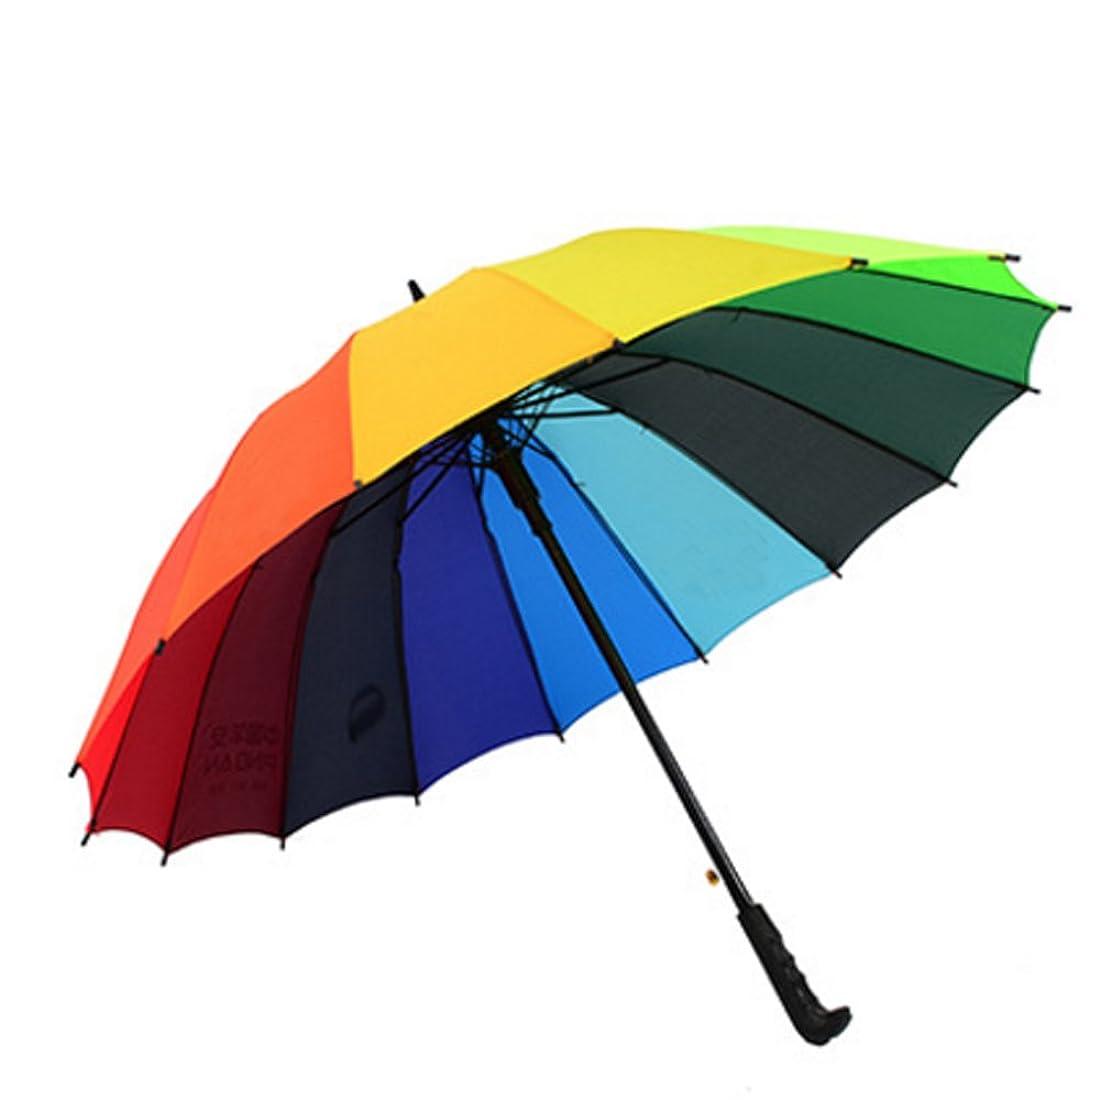 洗剤温かいスキームEver Fairy 高品質レインボー傘 レディース 長傘 16本骨 グラスファイバー 丈夫 傘 軽い 96cm 大きい 晴雨兼用 男女兼用